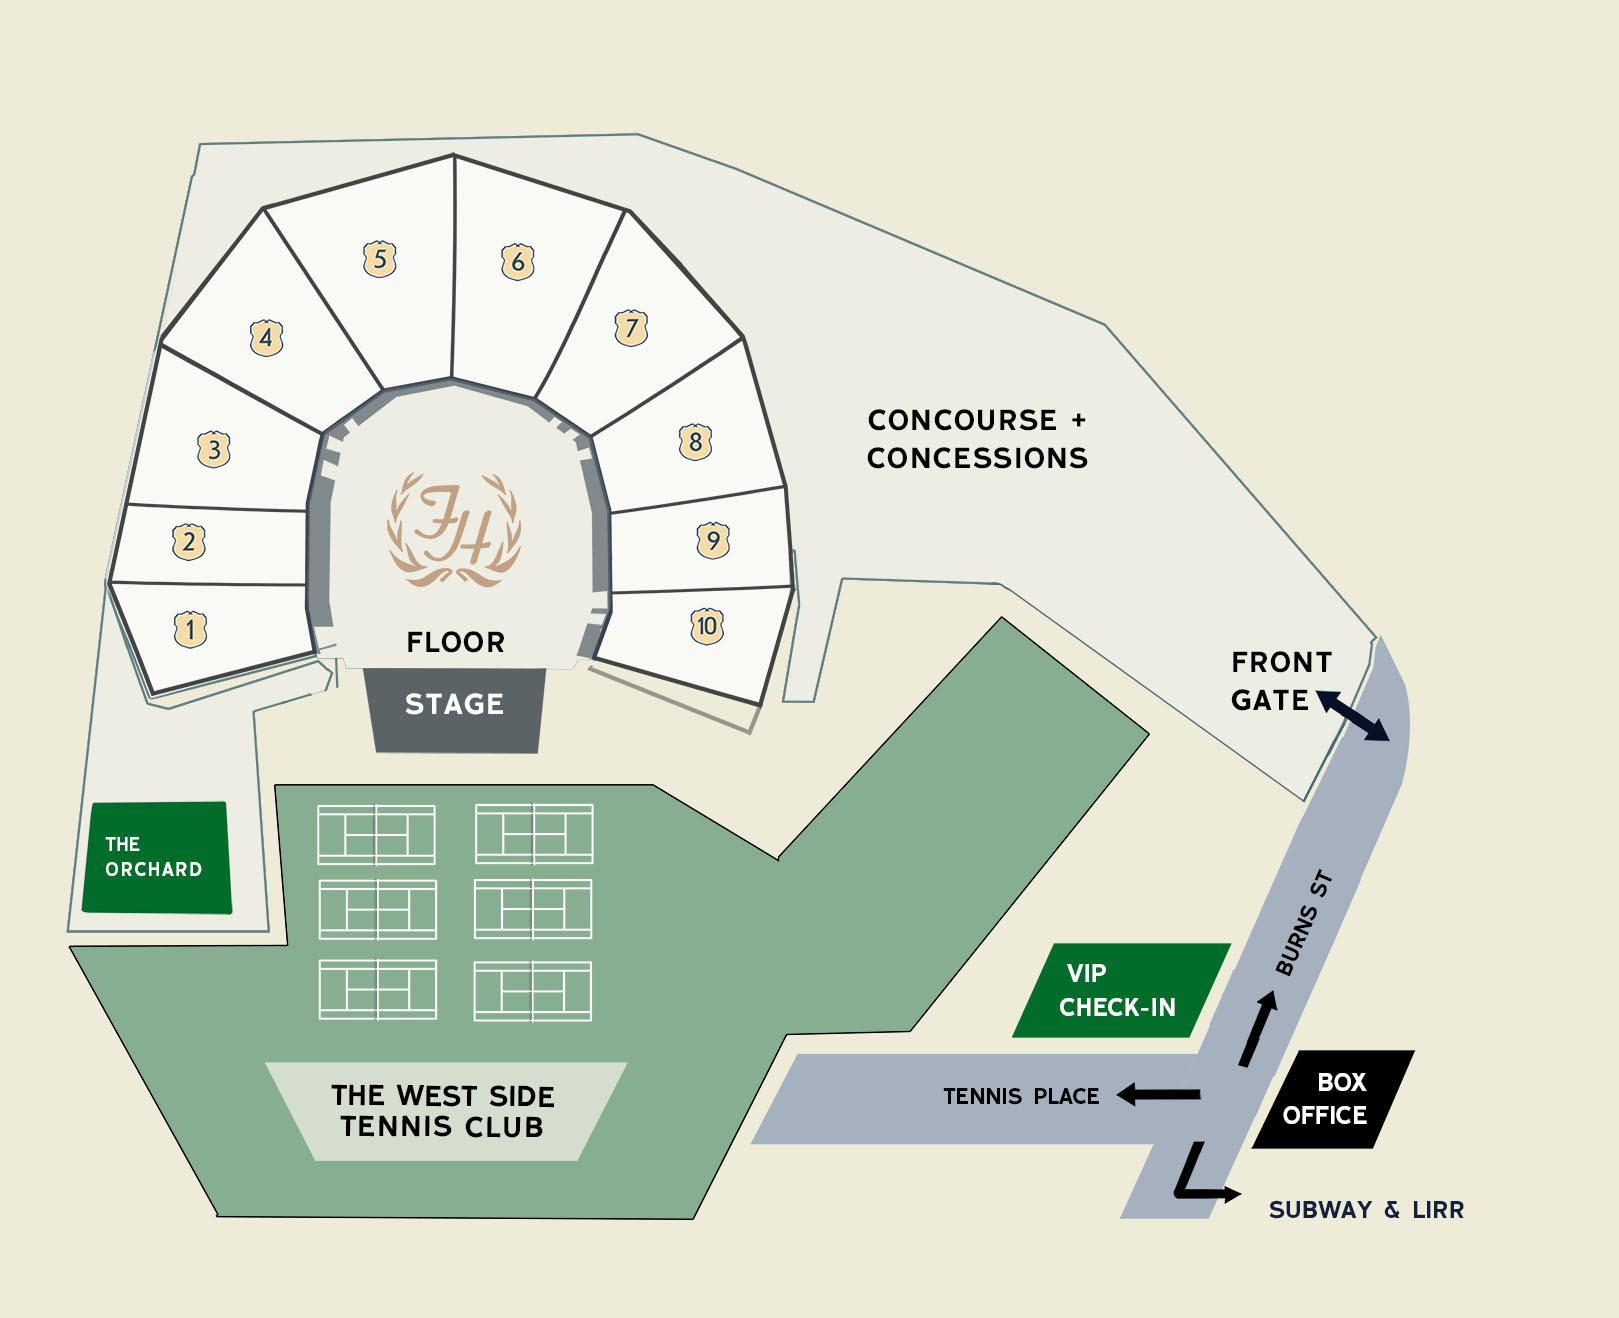 Forest Hills Stadium venue map